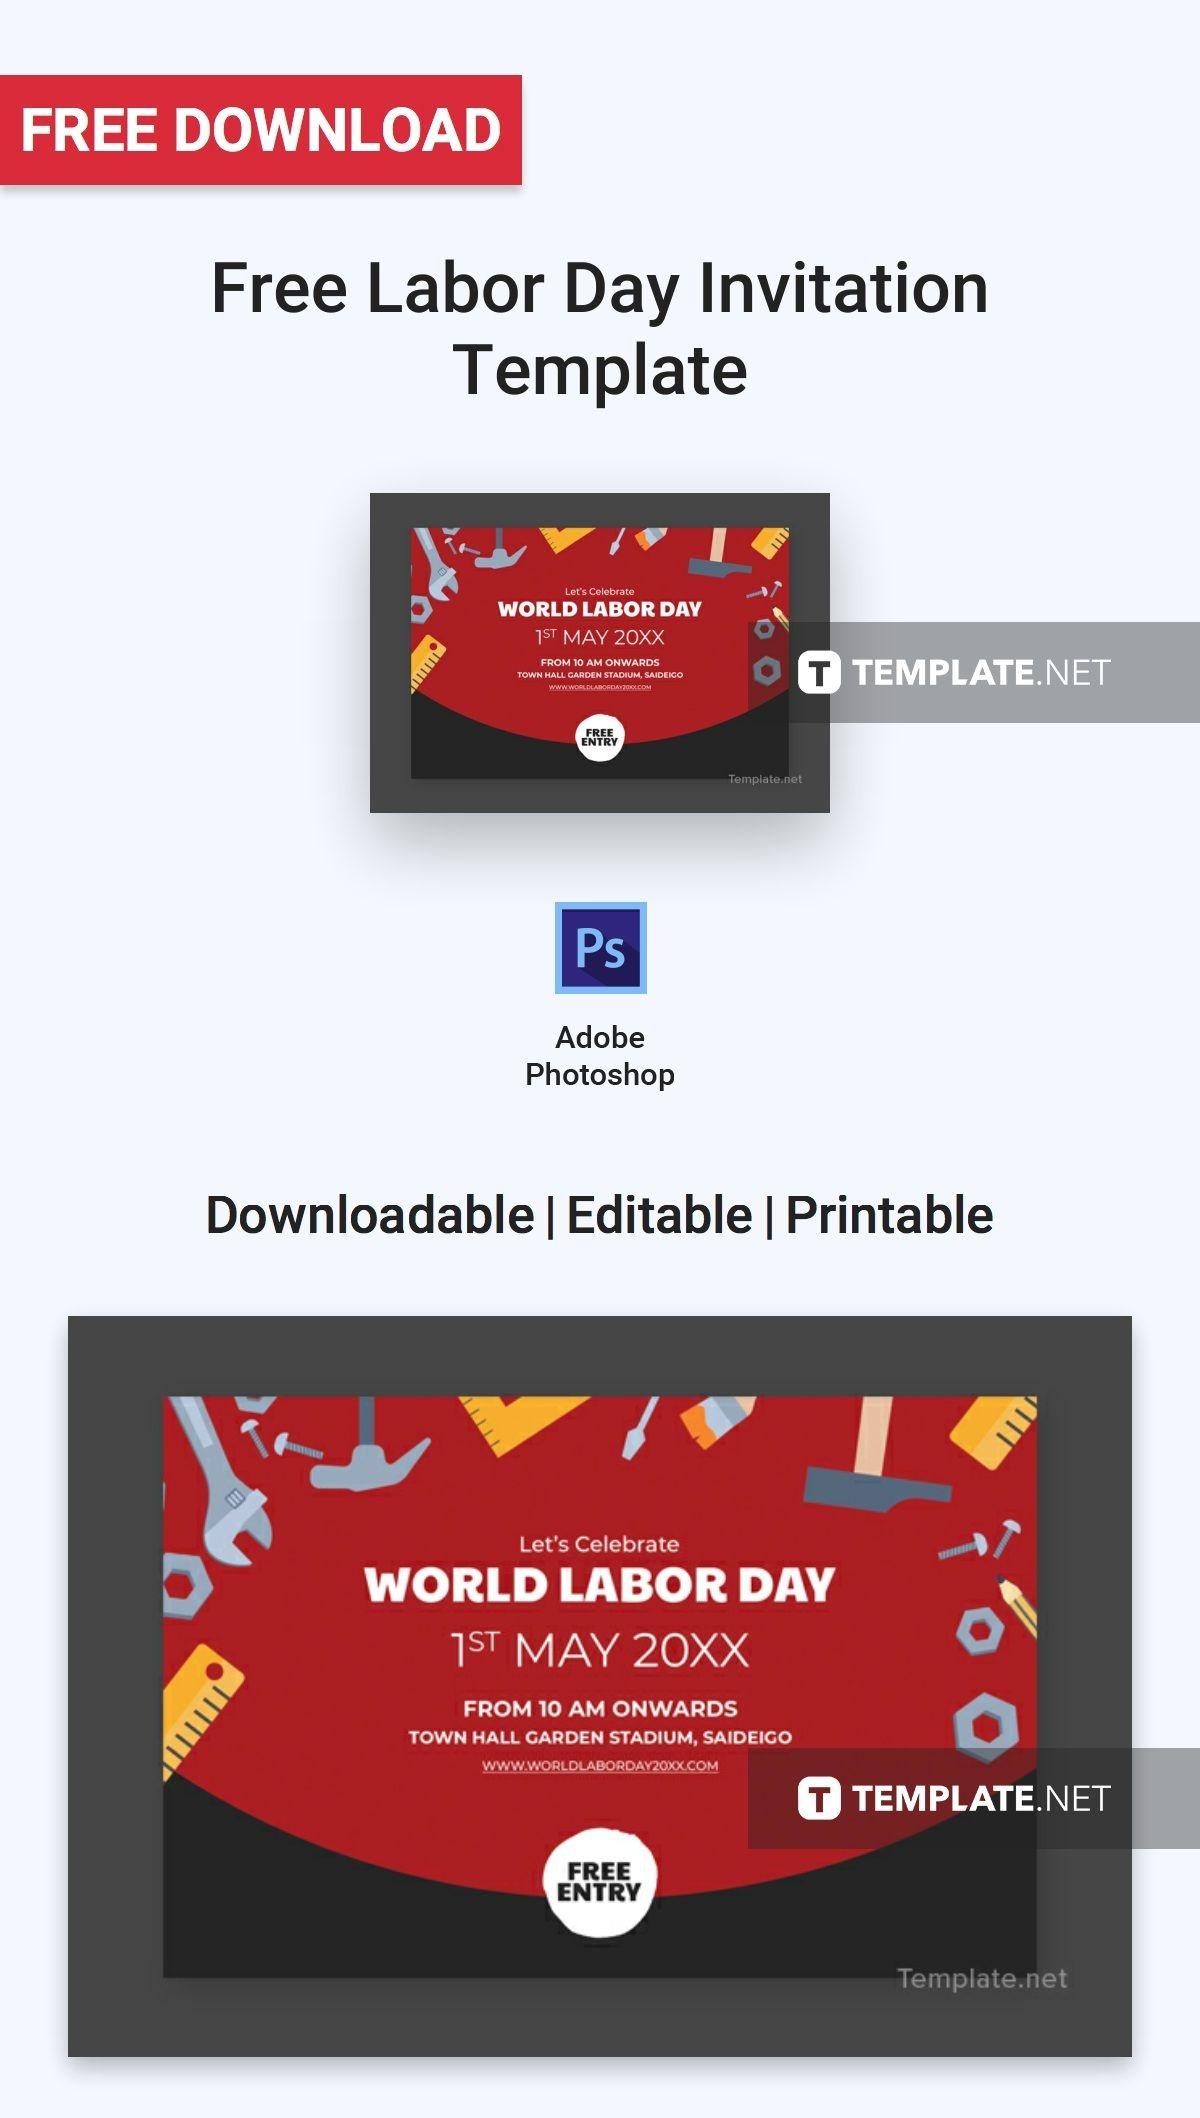 Free Labor Day Invitation   Invitation Templates & Designs 2019 - Free Printable Labor Day Invitations